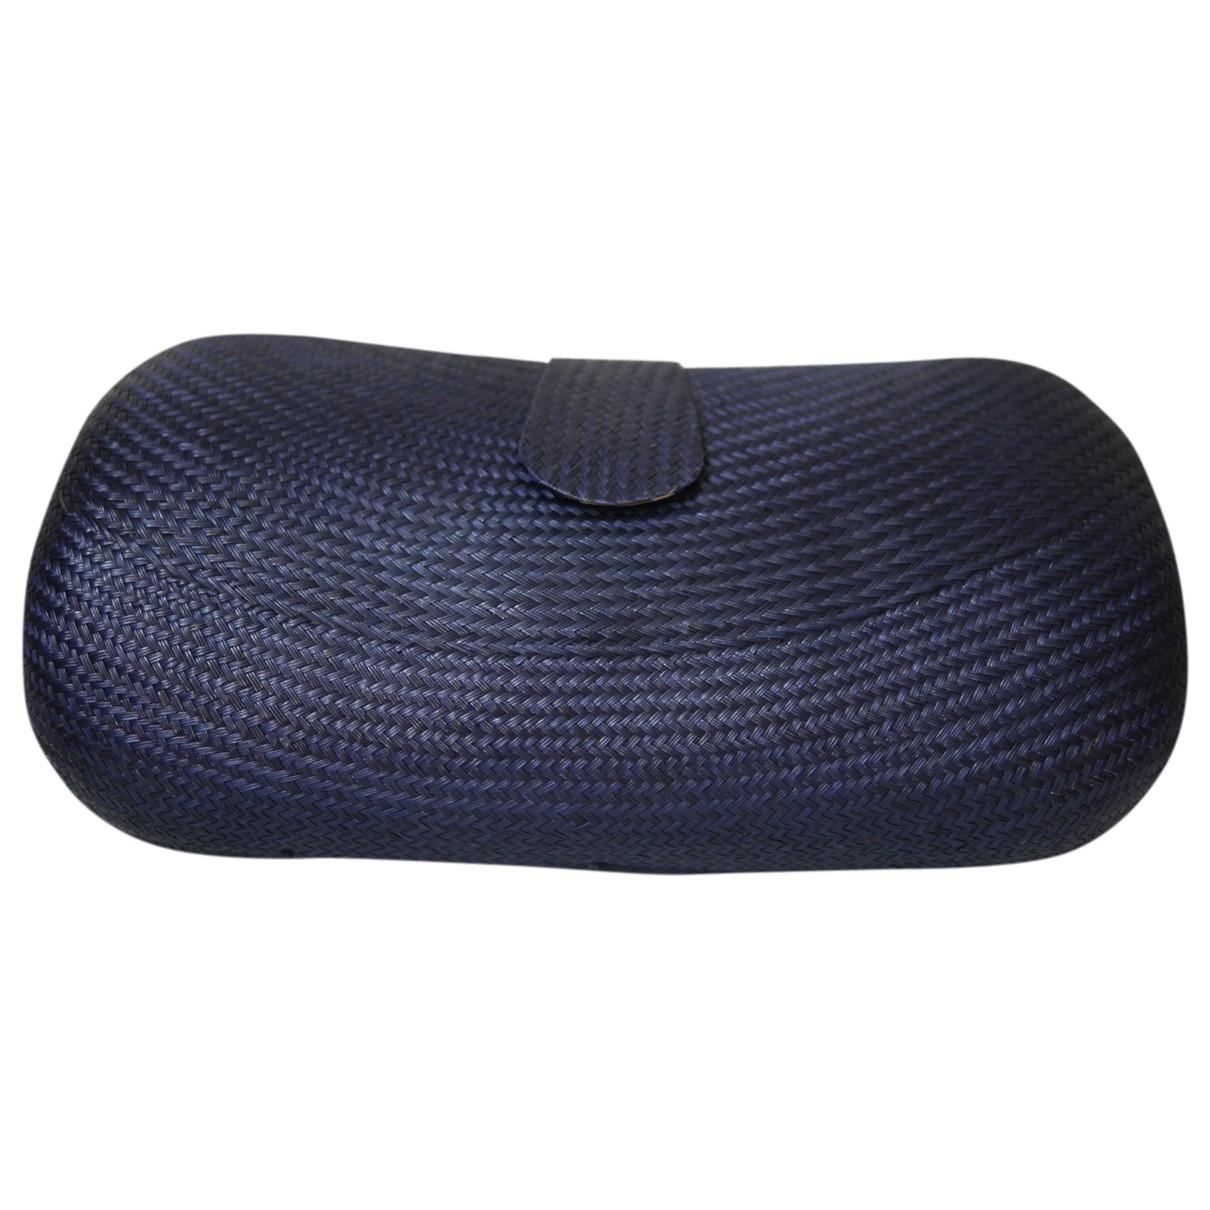 Lk Bennett \N Blue Wicker Clutch bag for Women \N